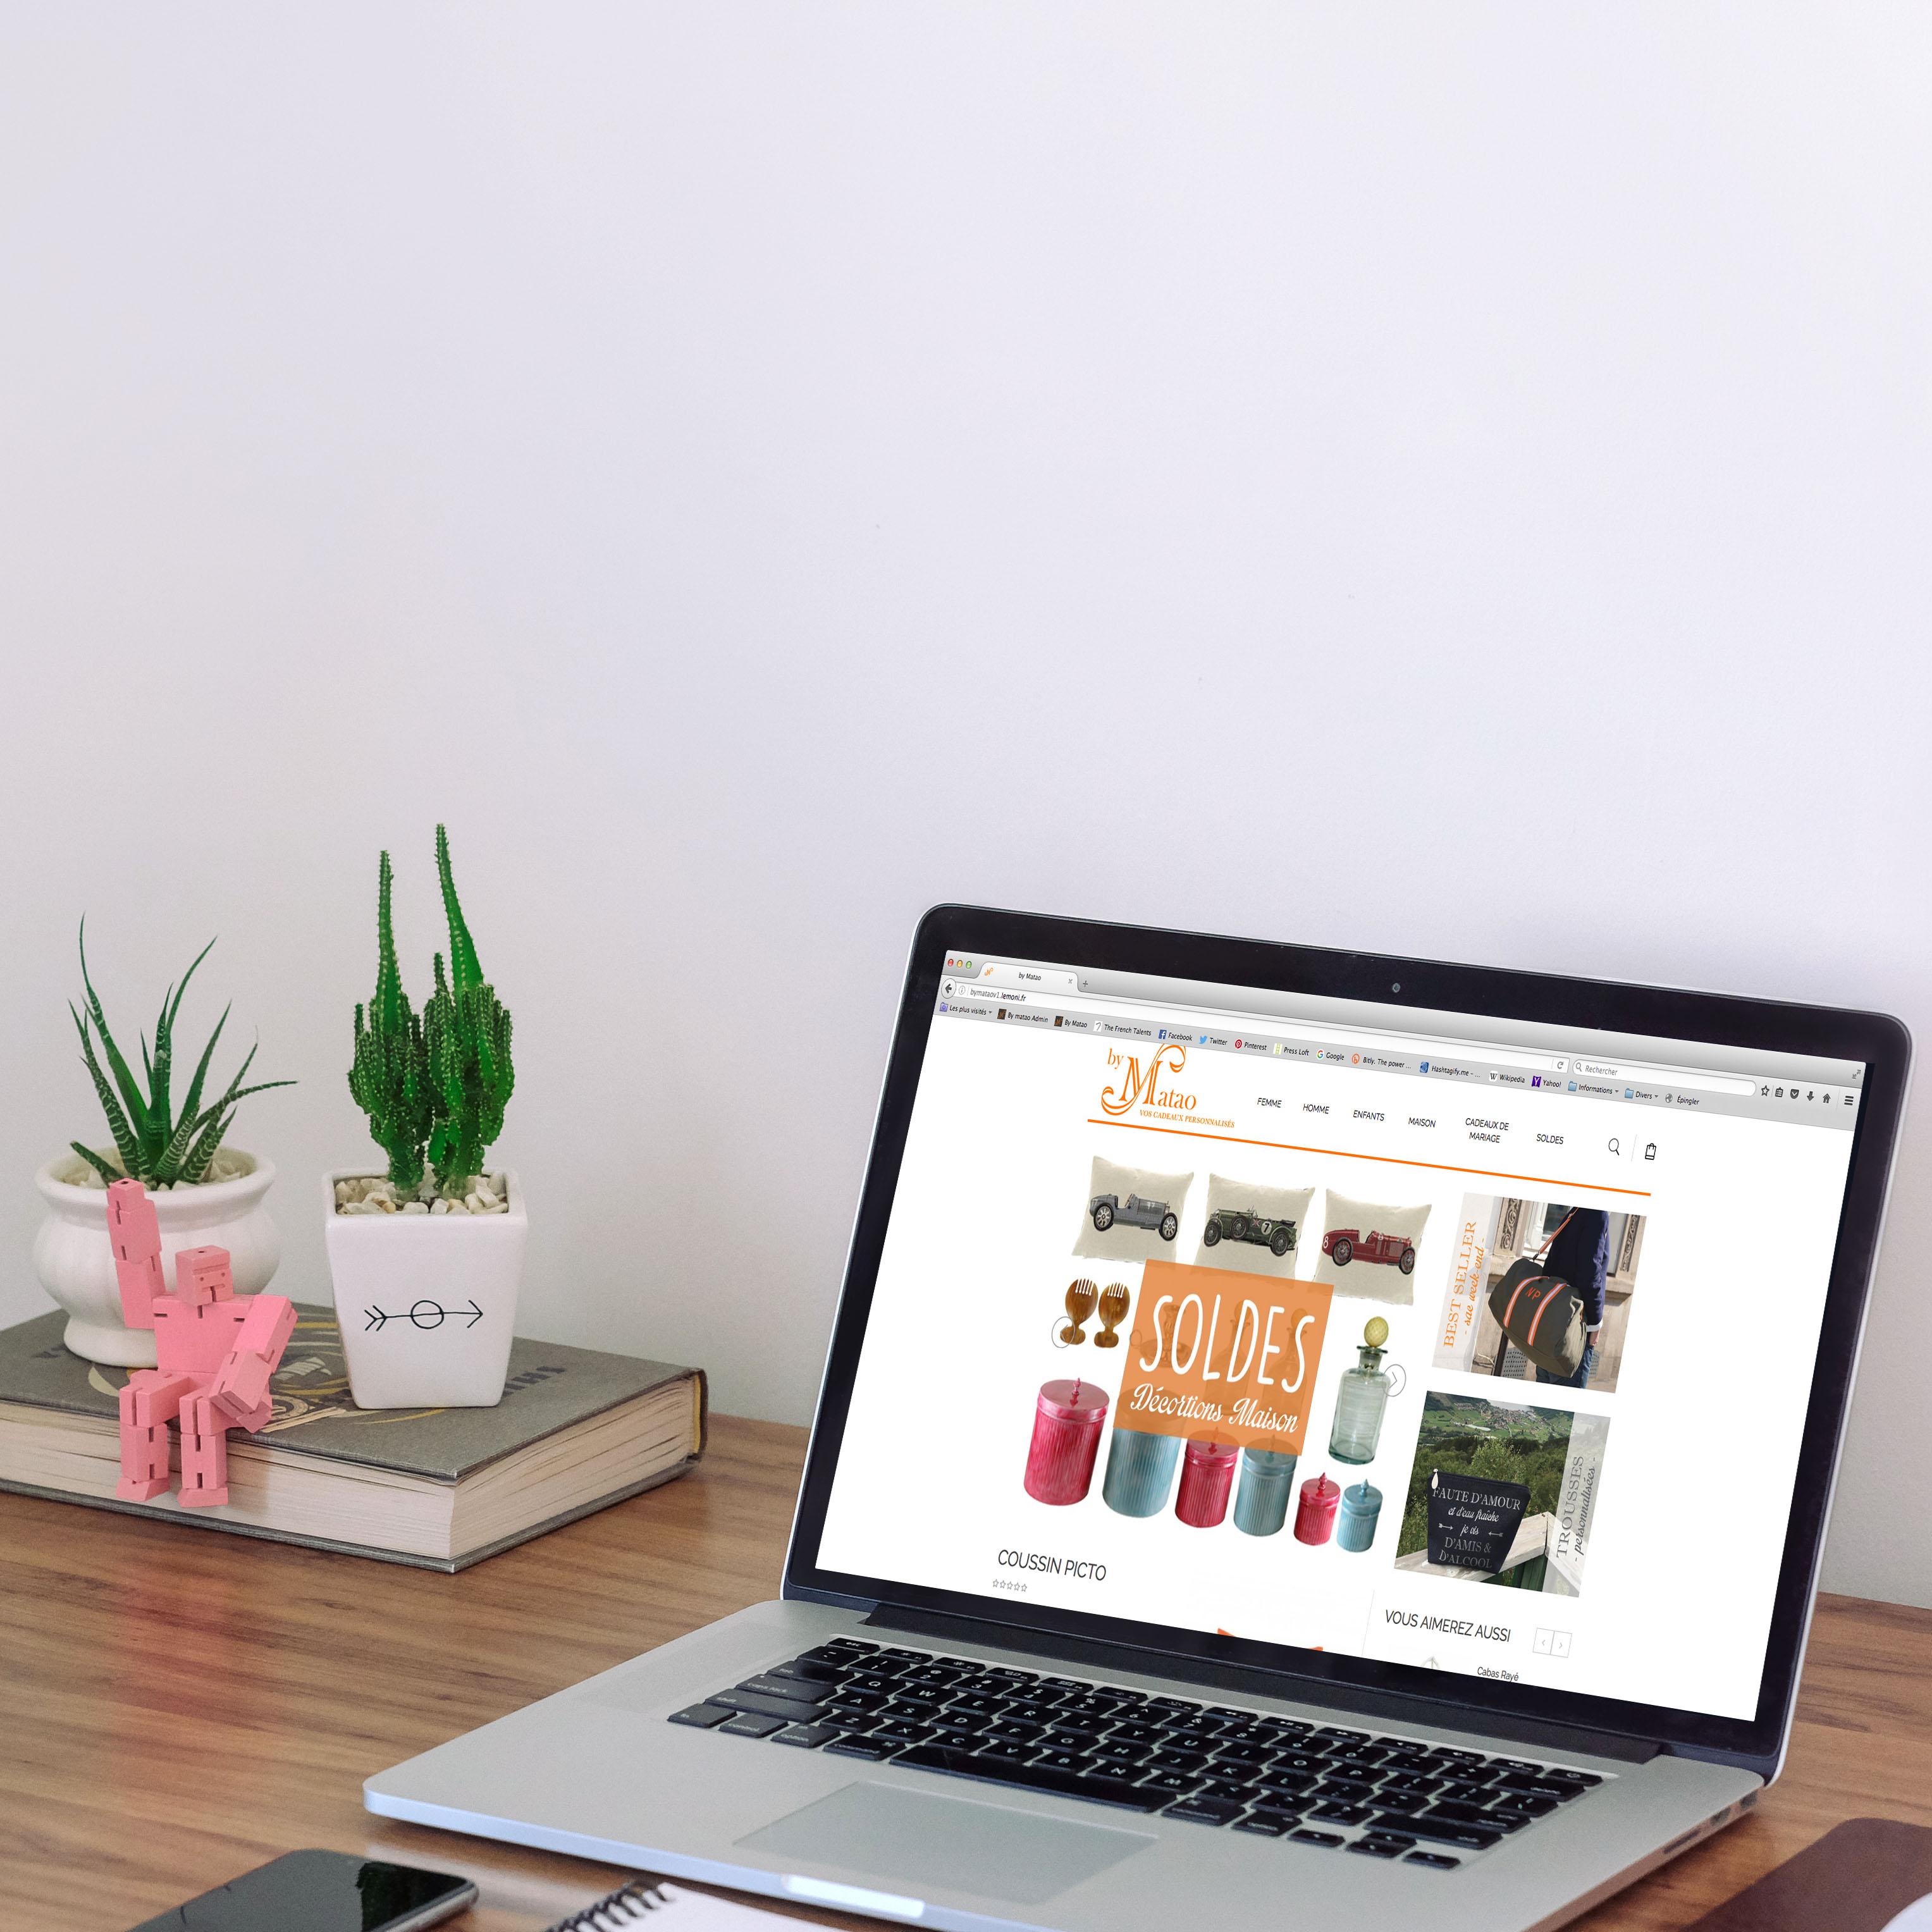 E-shop by Matao